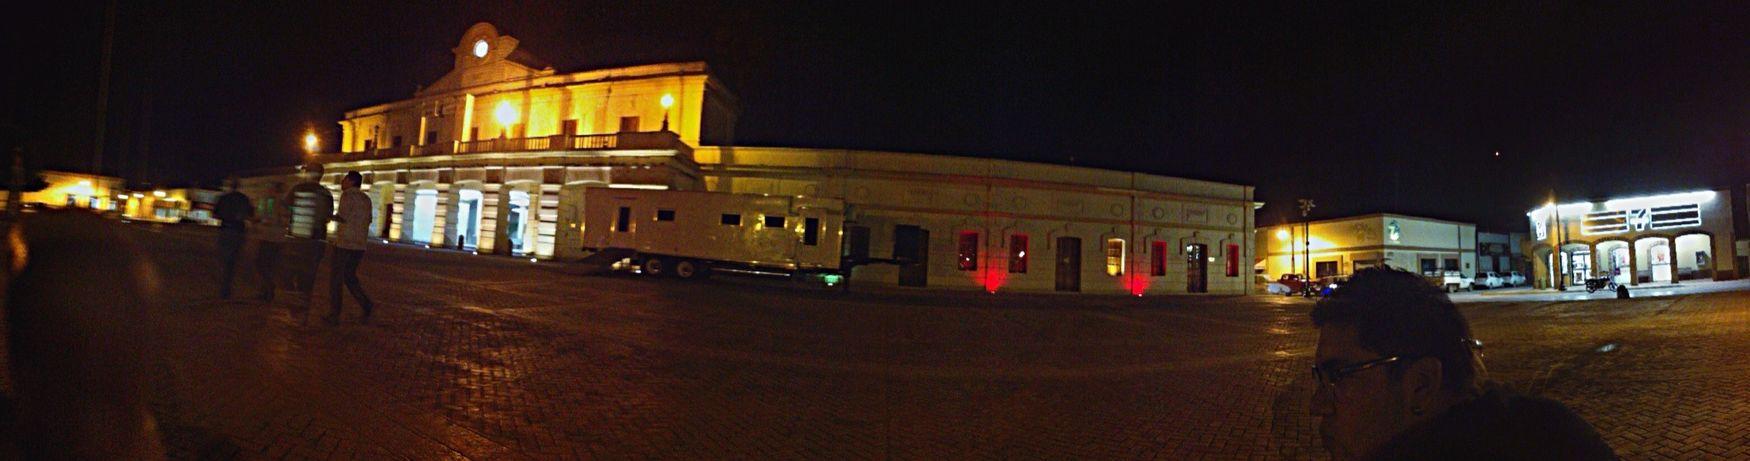 En una ciudad en la noche Taking Photos Afternoon City The Best The Best Times Somewhere In Mexico Montemorelos